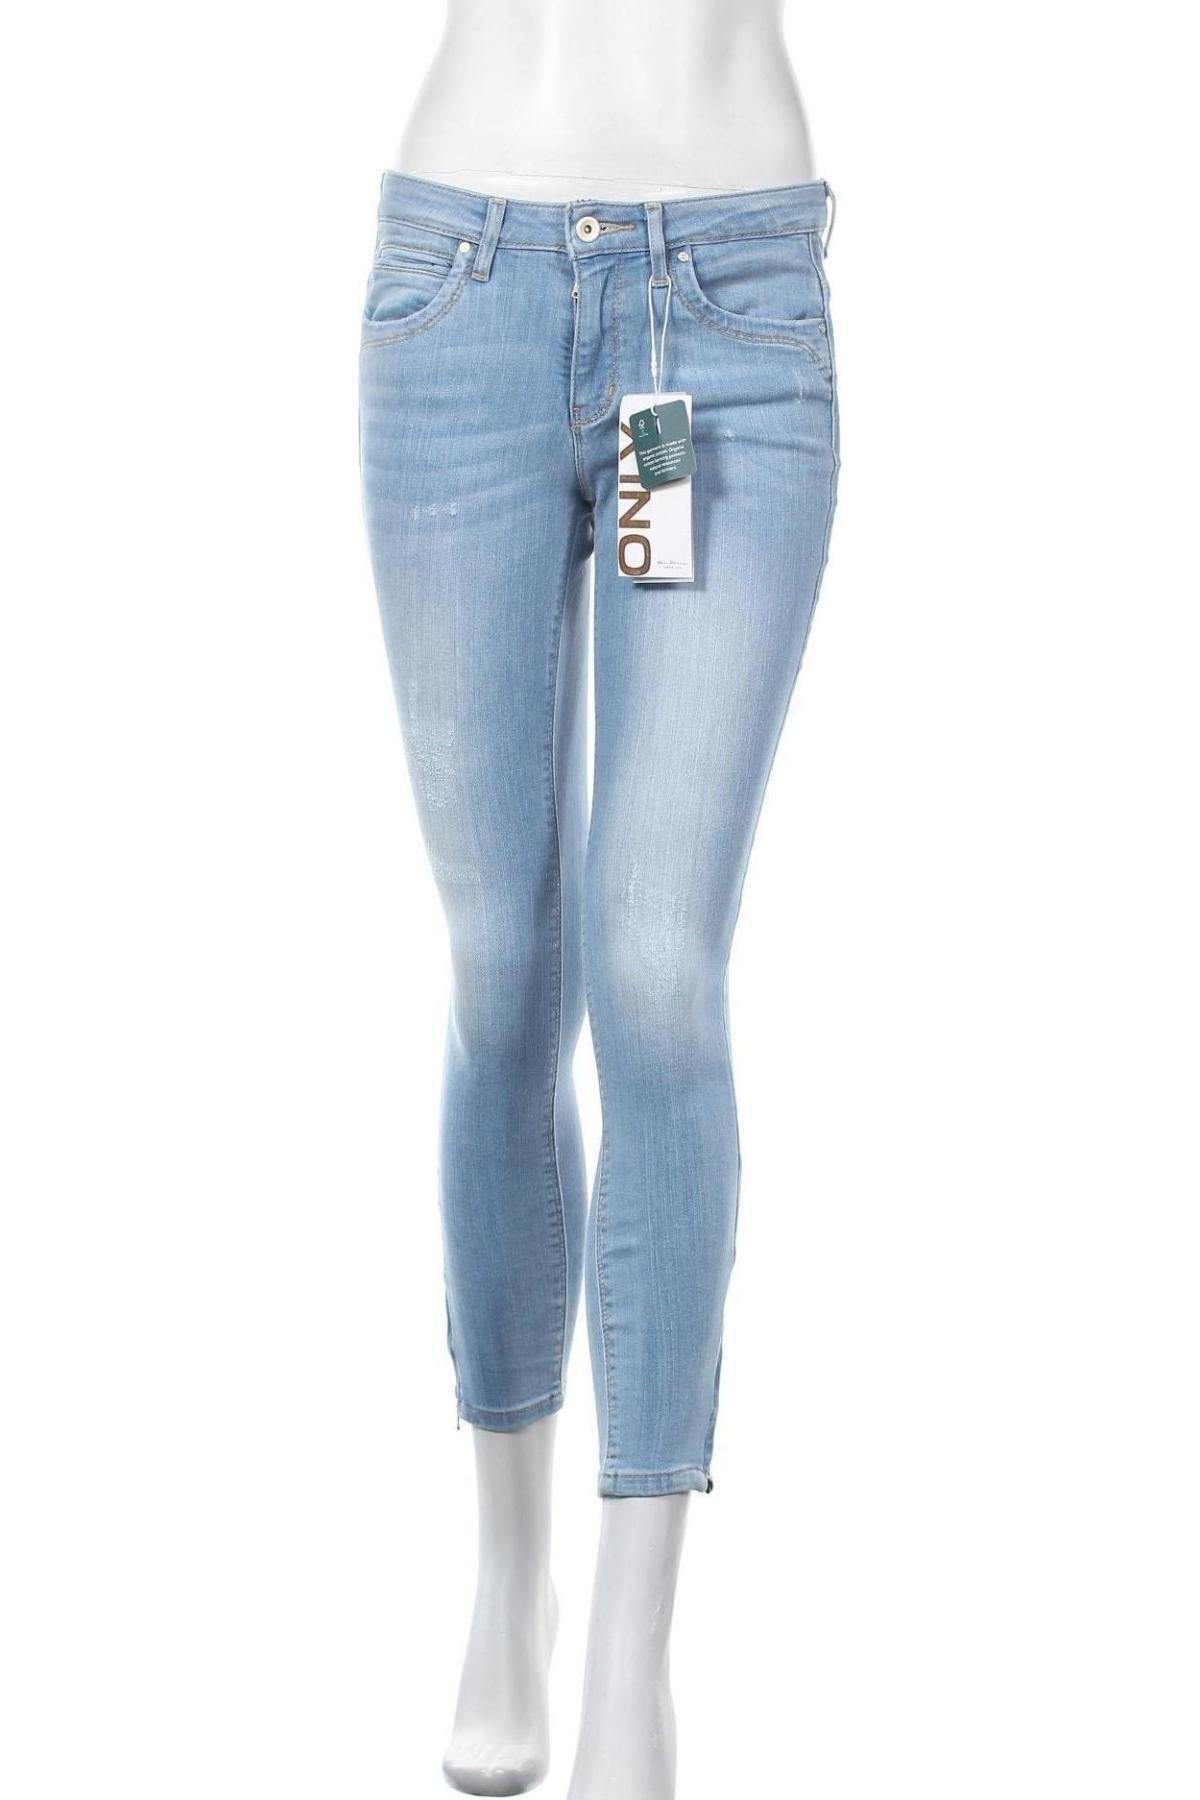 Дамски дънки ONLY, Размер S, Цвят Син, 84% памук, 14% полиестер, 2% еластан, Цена 41,40лв.